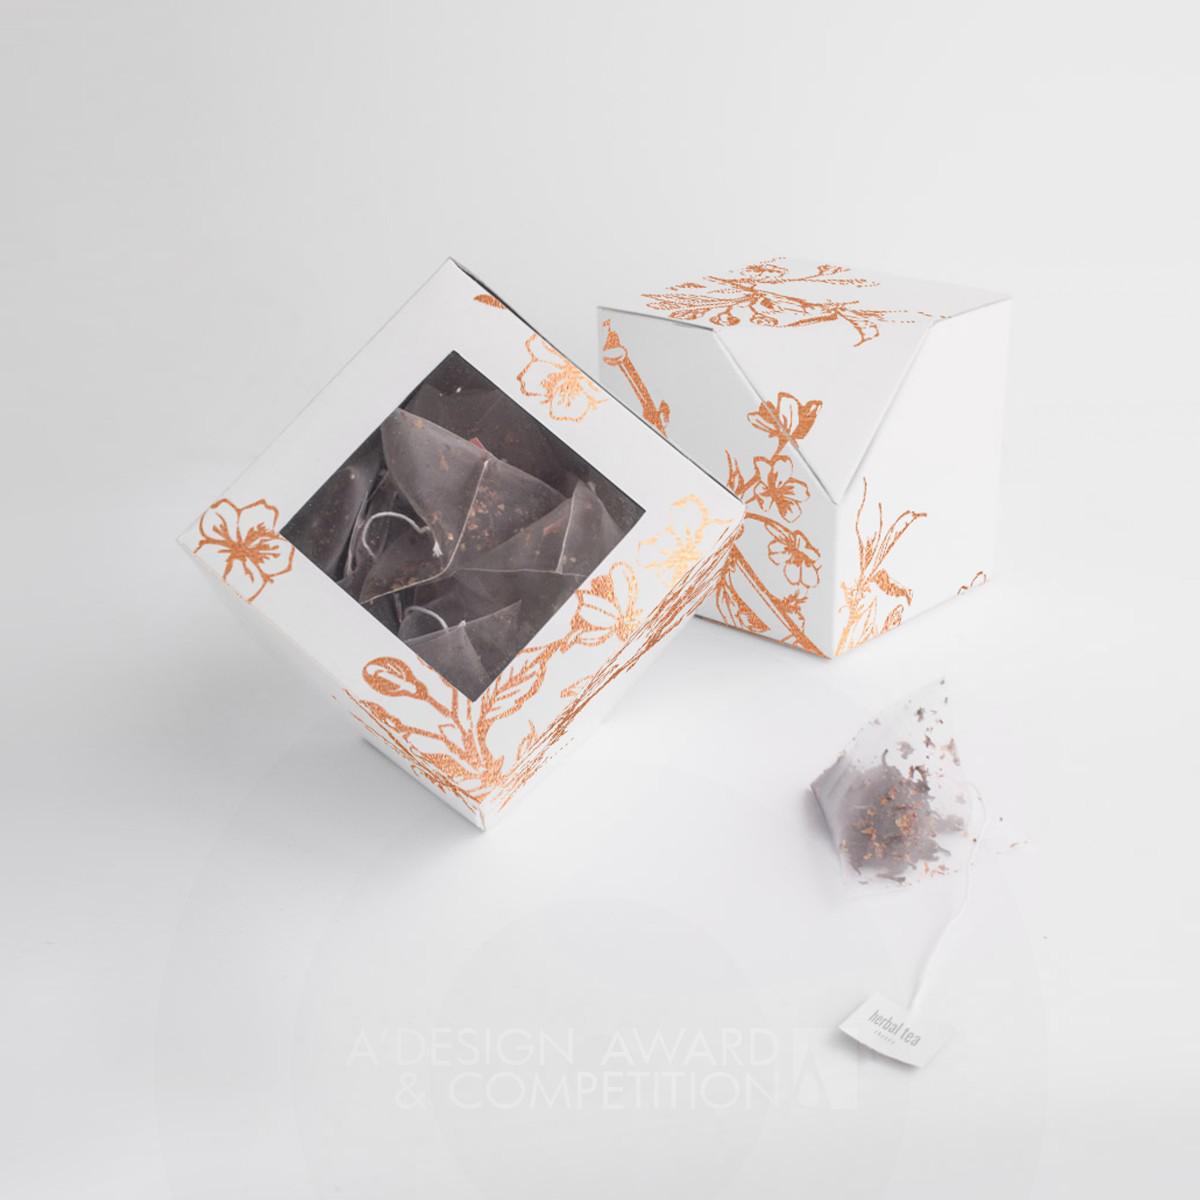 Notch Tea Packaging